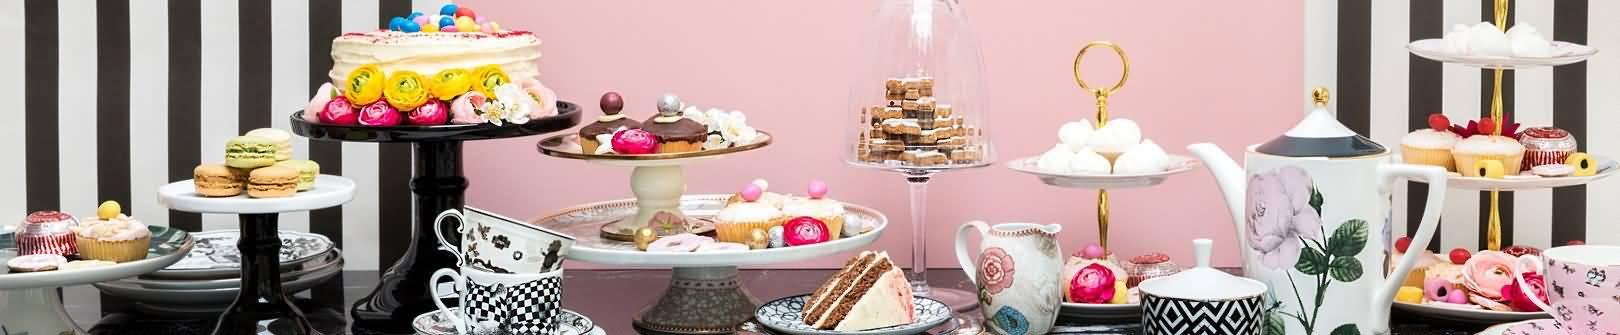 Supports de gâteaux